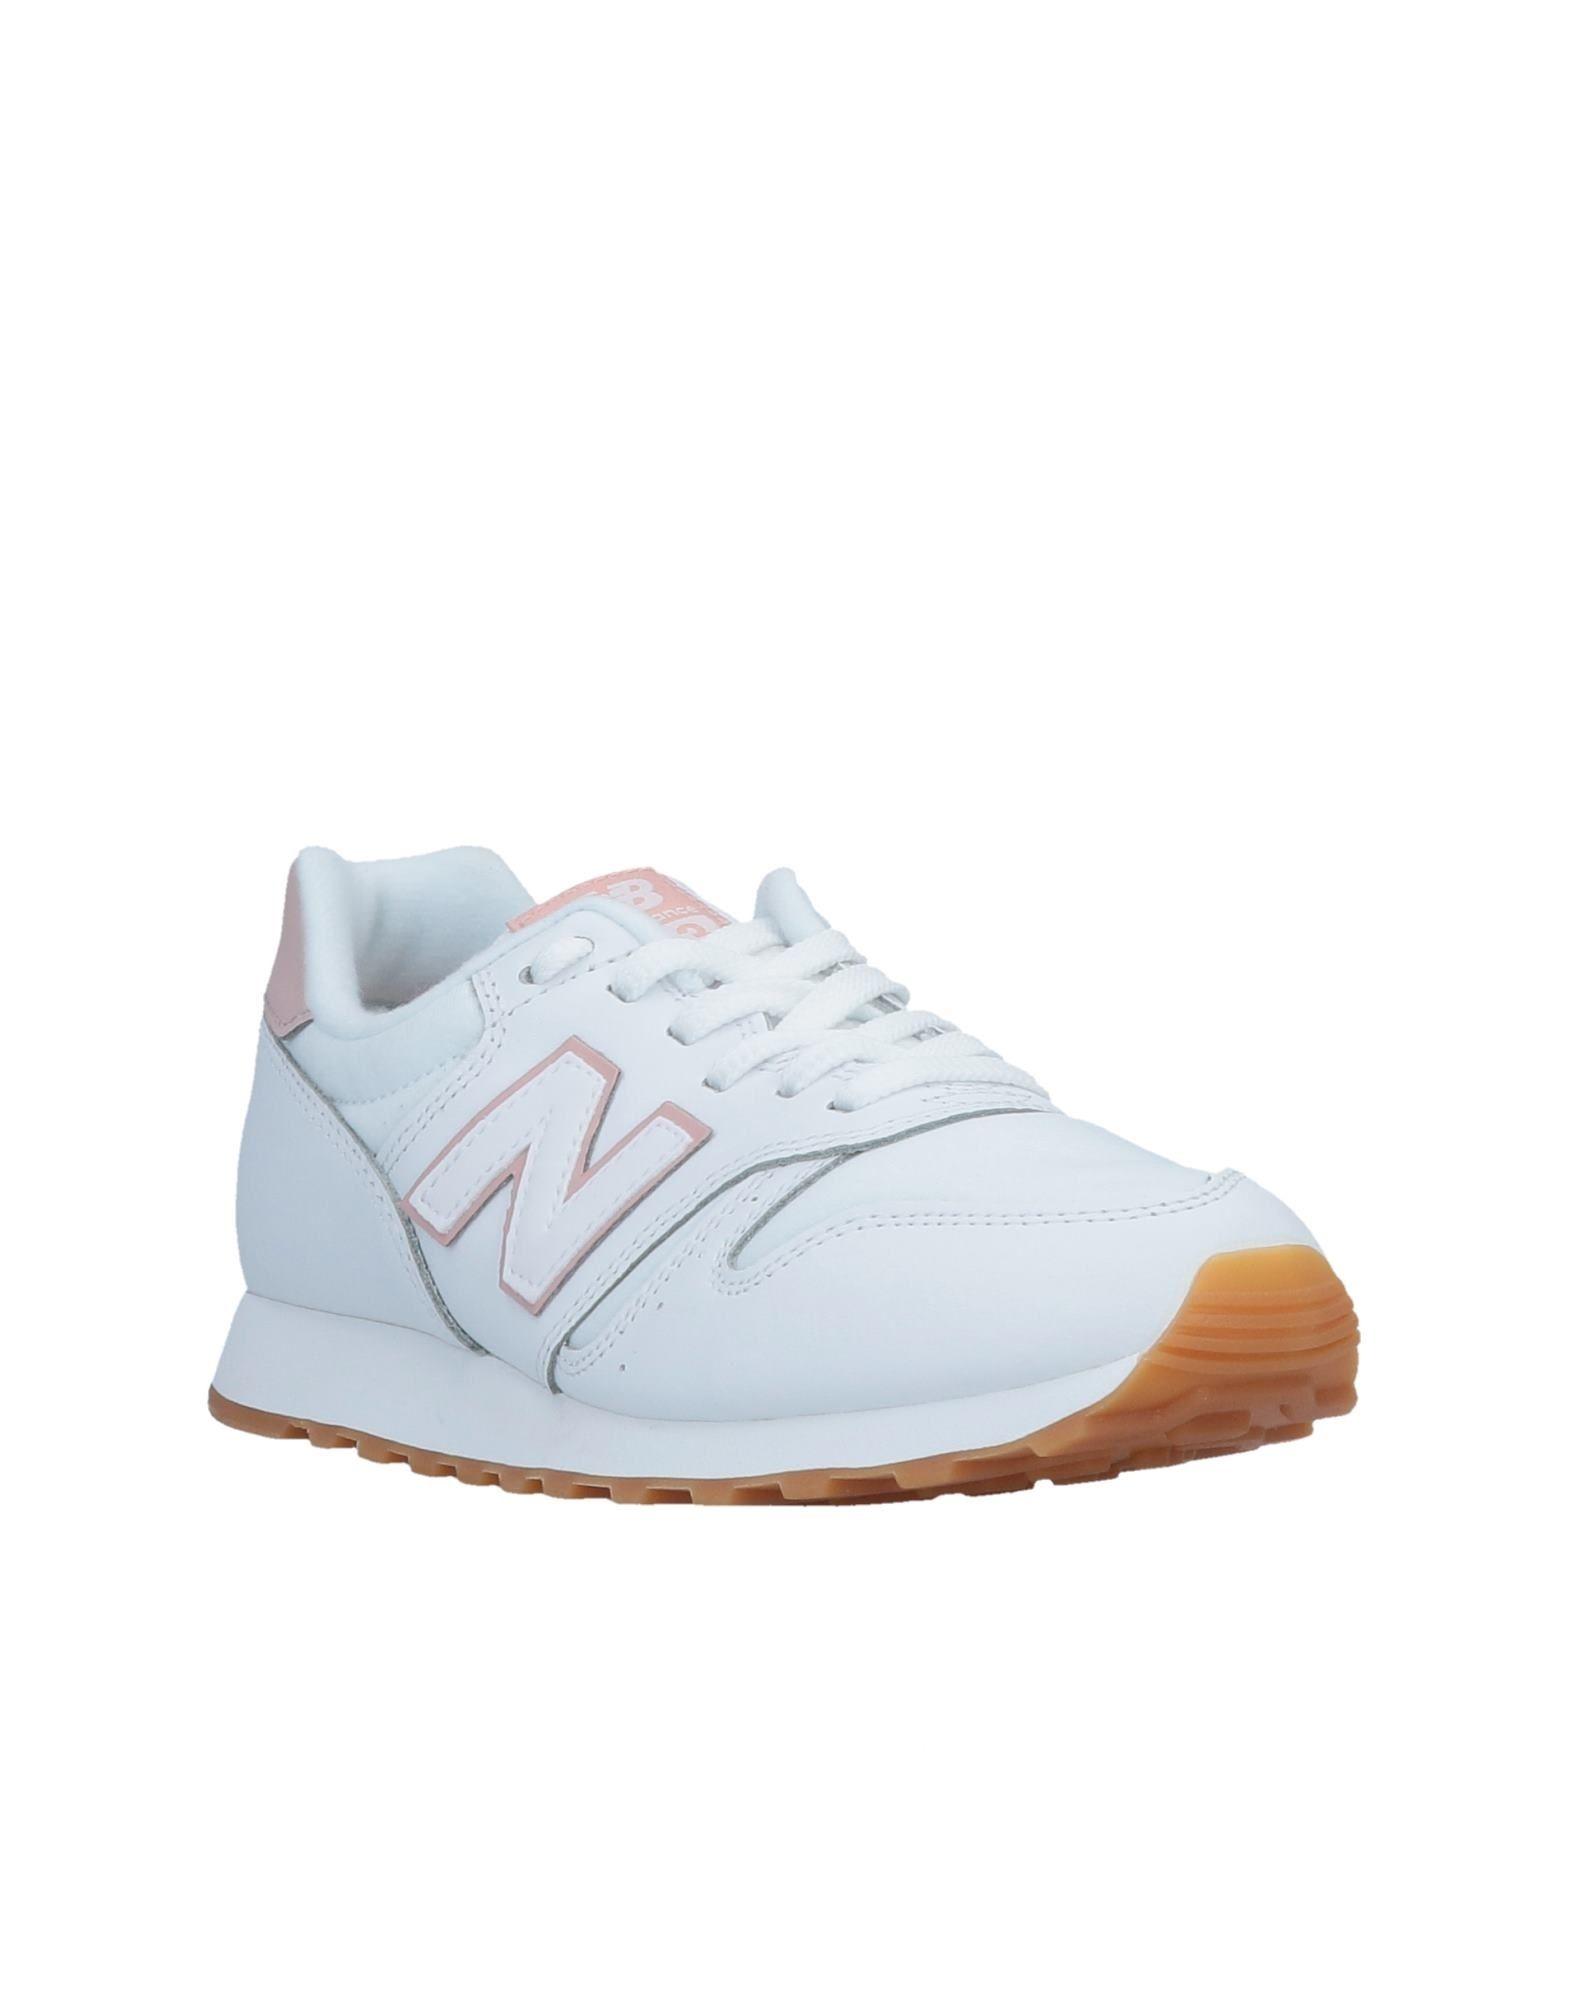 New Balance Sneakers Damen  beliebte 11503428DR Gute Qualität beliebte  Schuhe 153a09